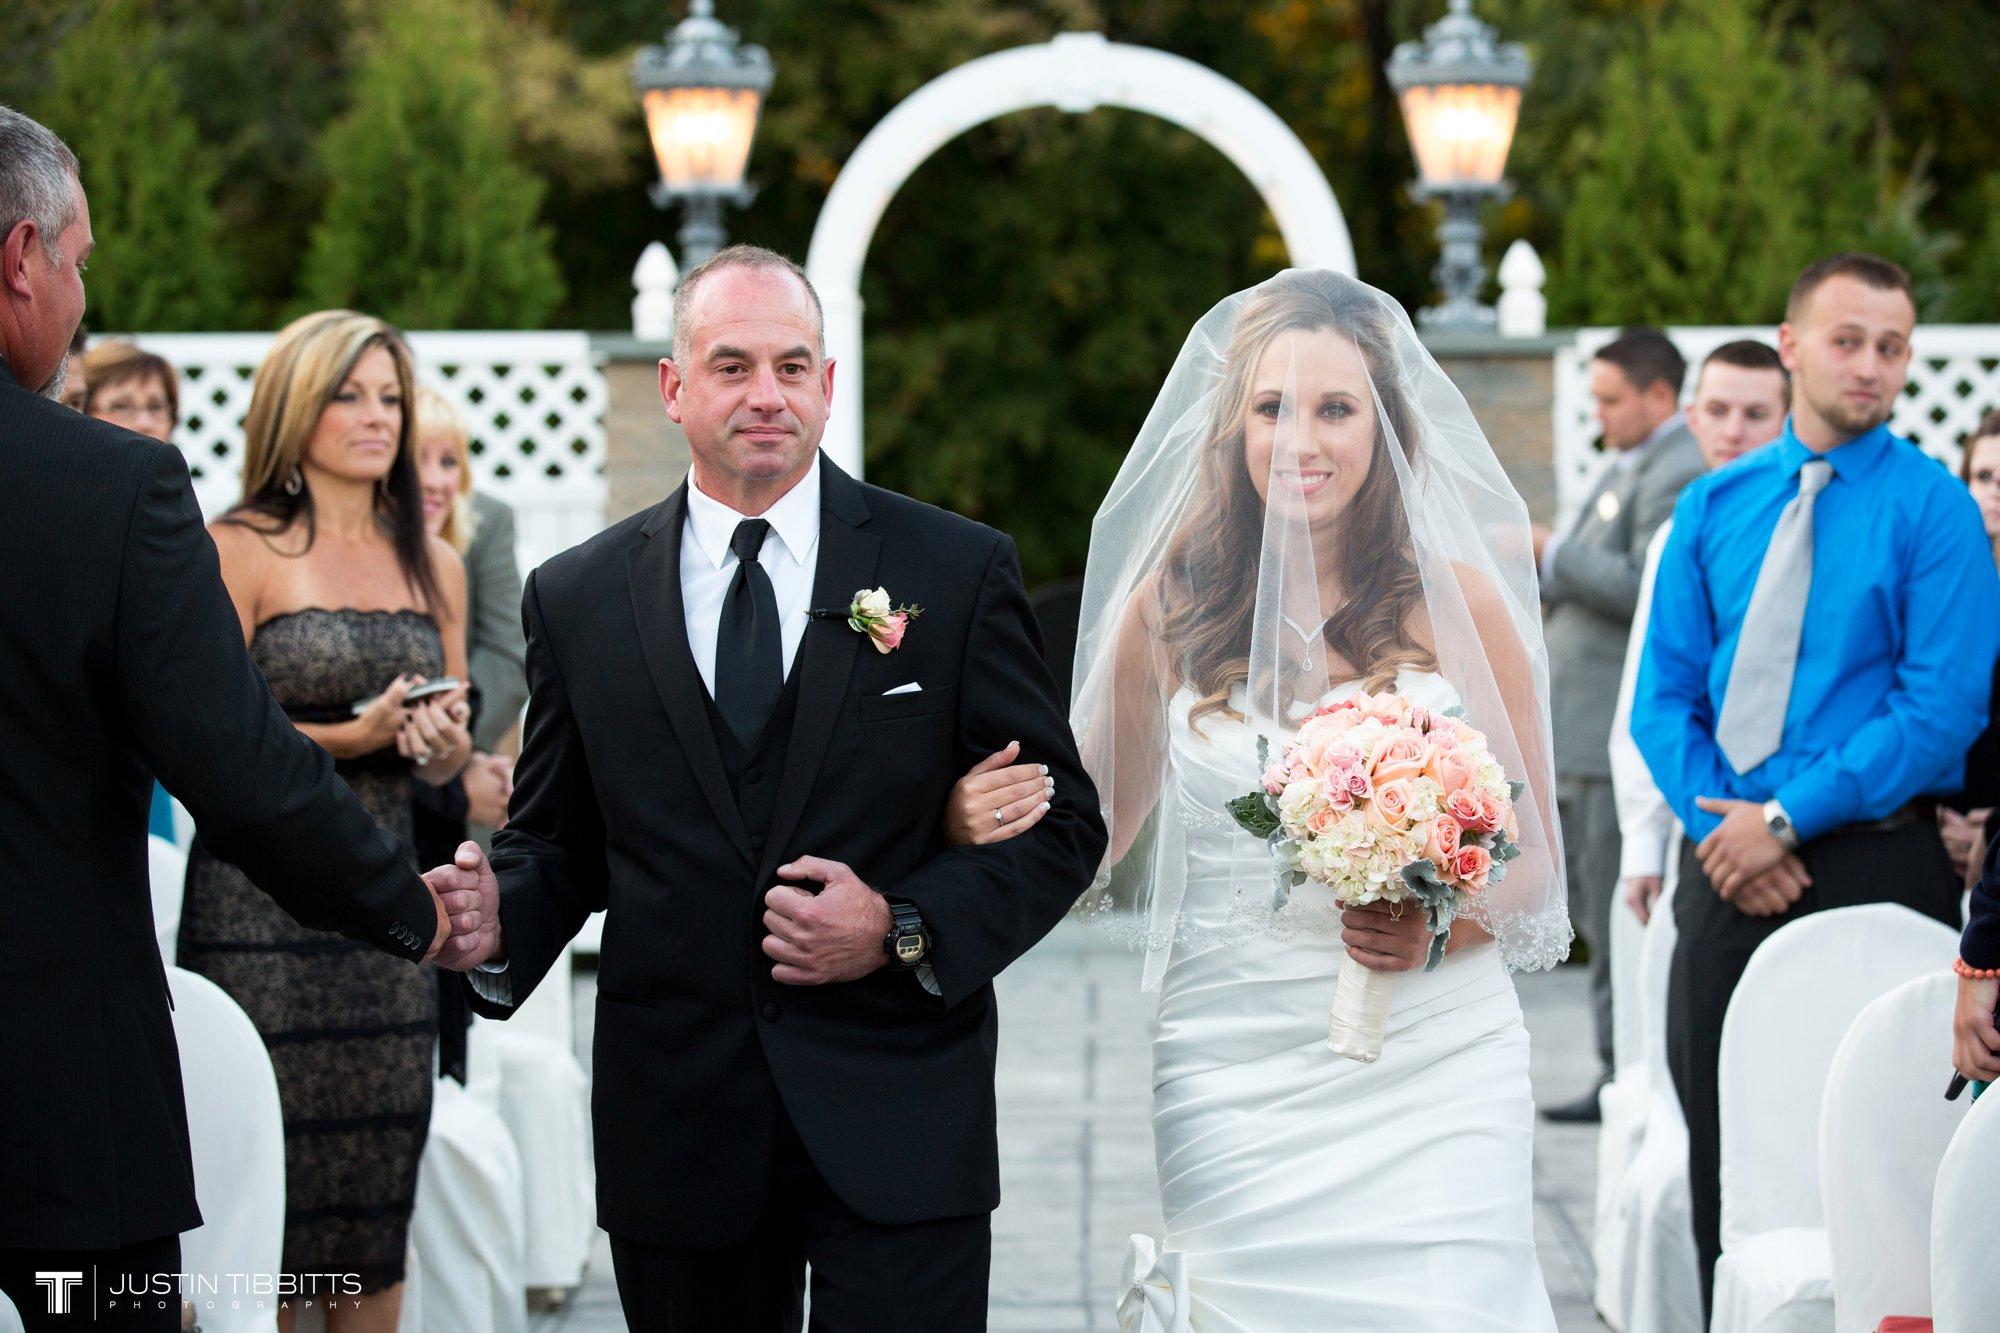 Albany NY Wedding Photographer Justin Tibbitts Photography 2014 Best of Albany NY Weddings-39621